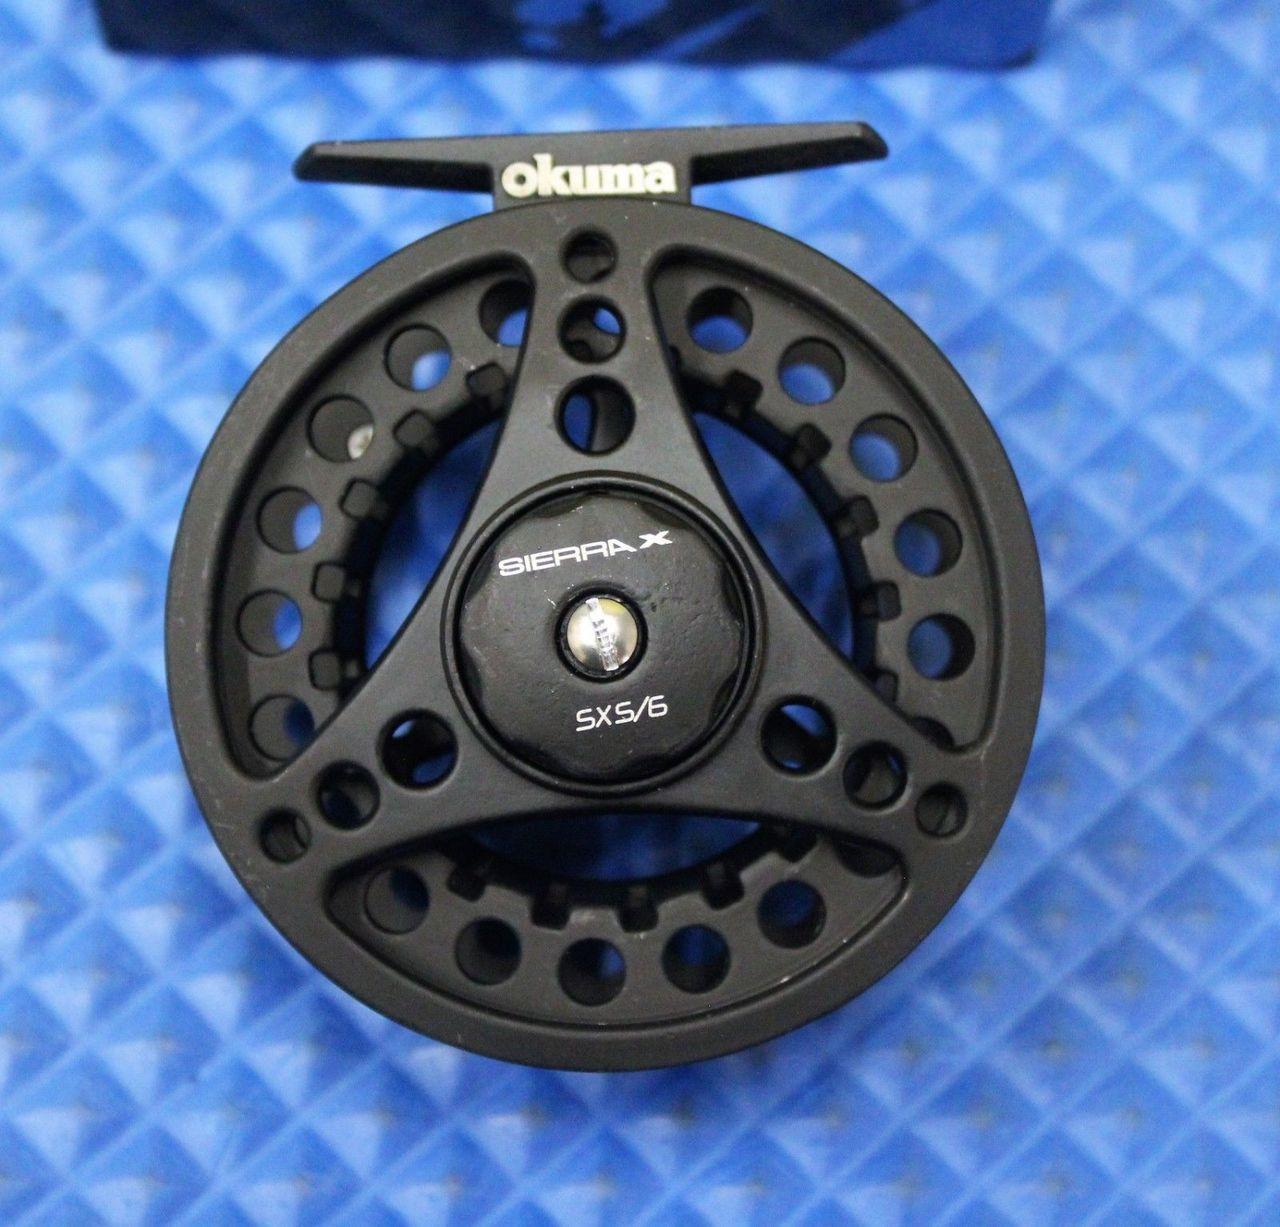 Sierra-X Fly Reel SX-5/6